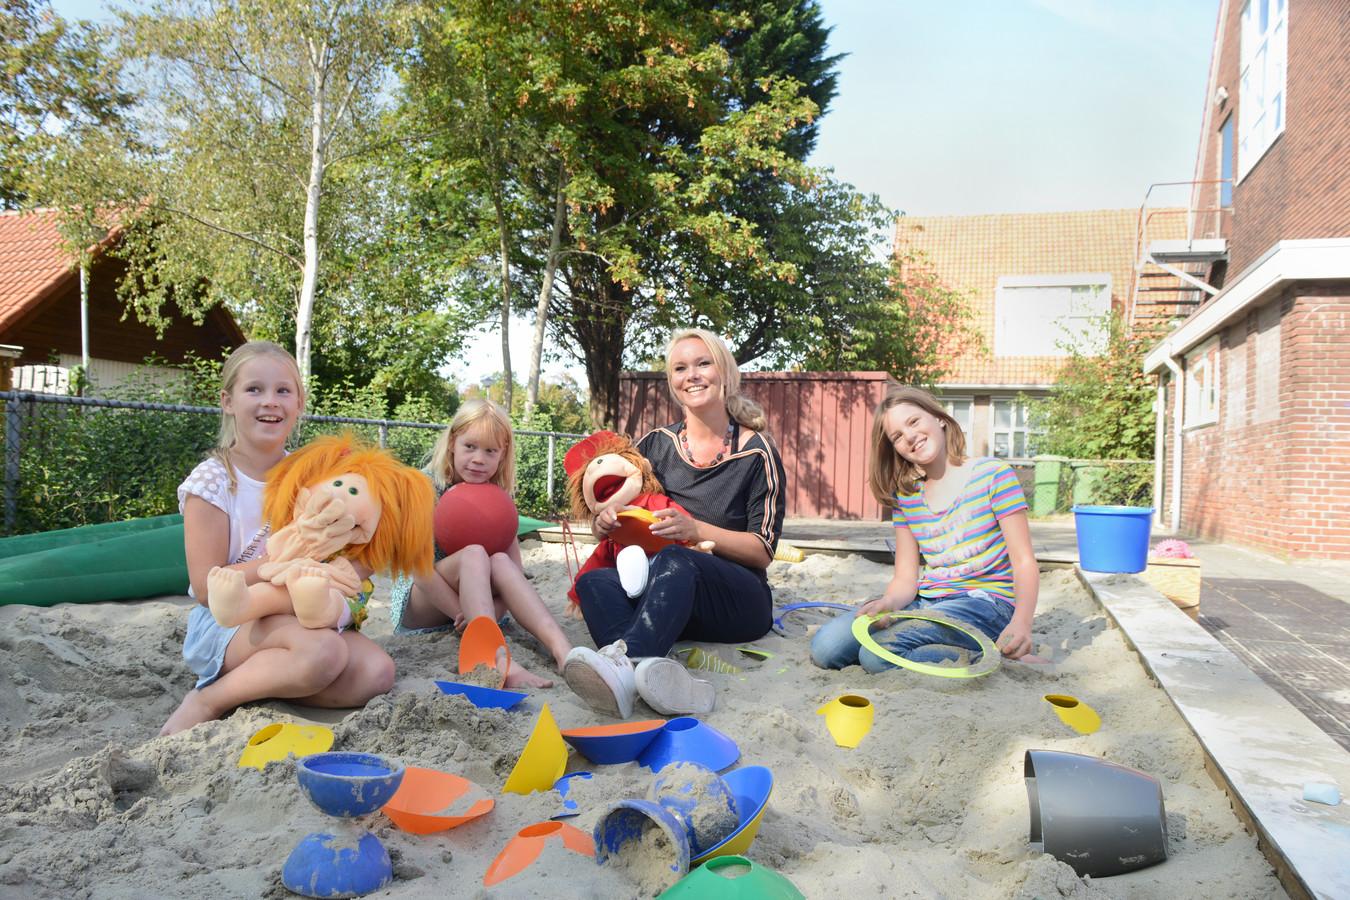 Vlnr: Lotte van den Bos, Rosalyn Berrevoets, juf Chantal en Lysanne van Westen.